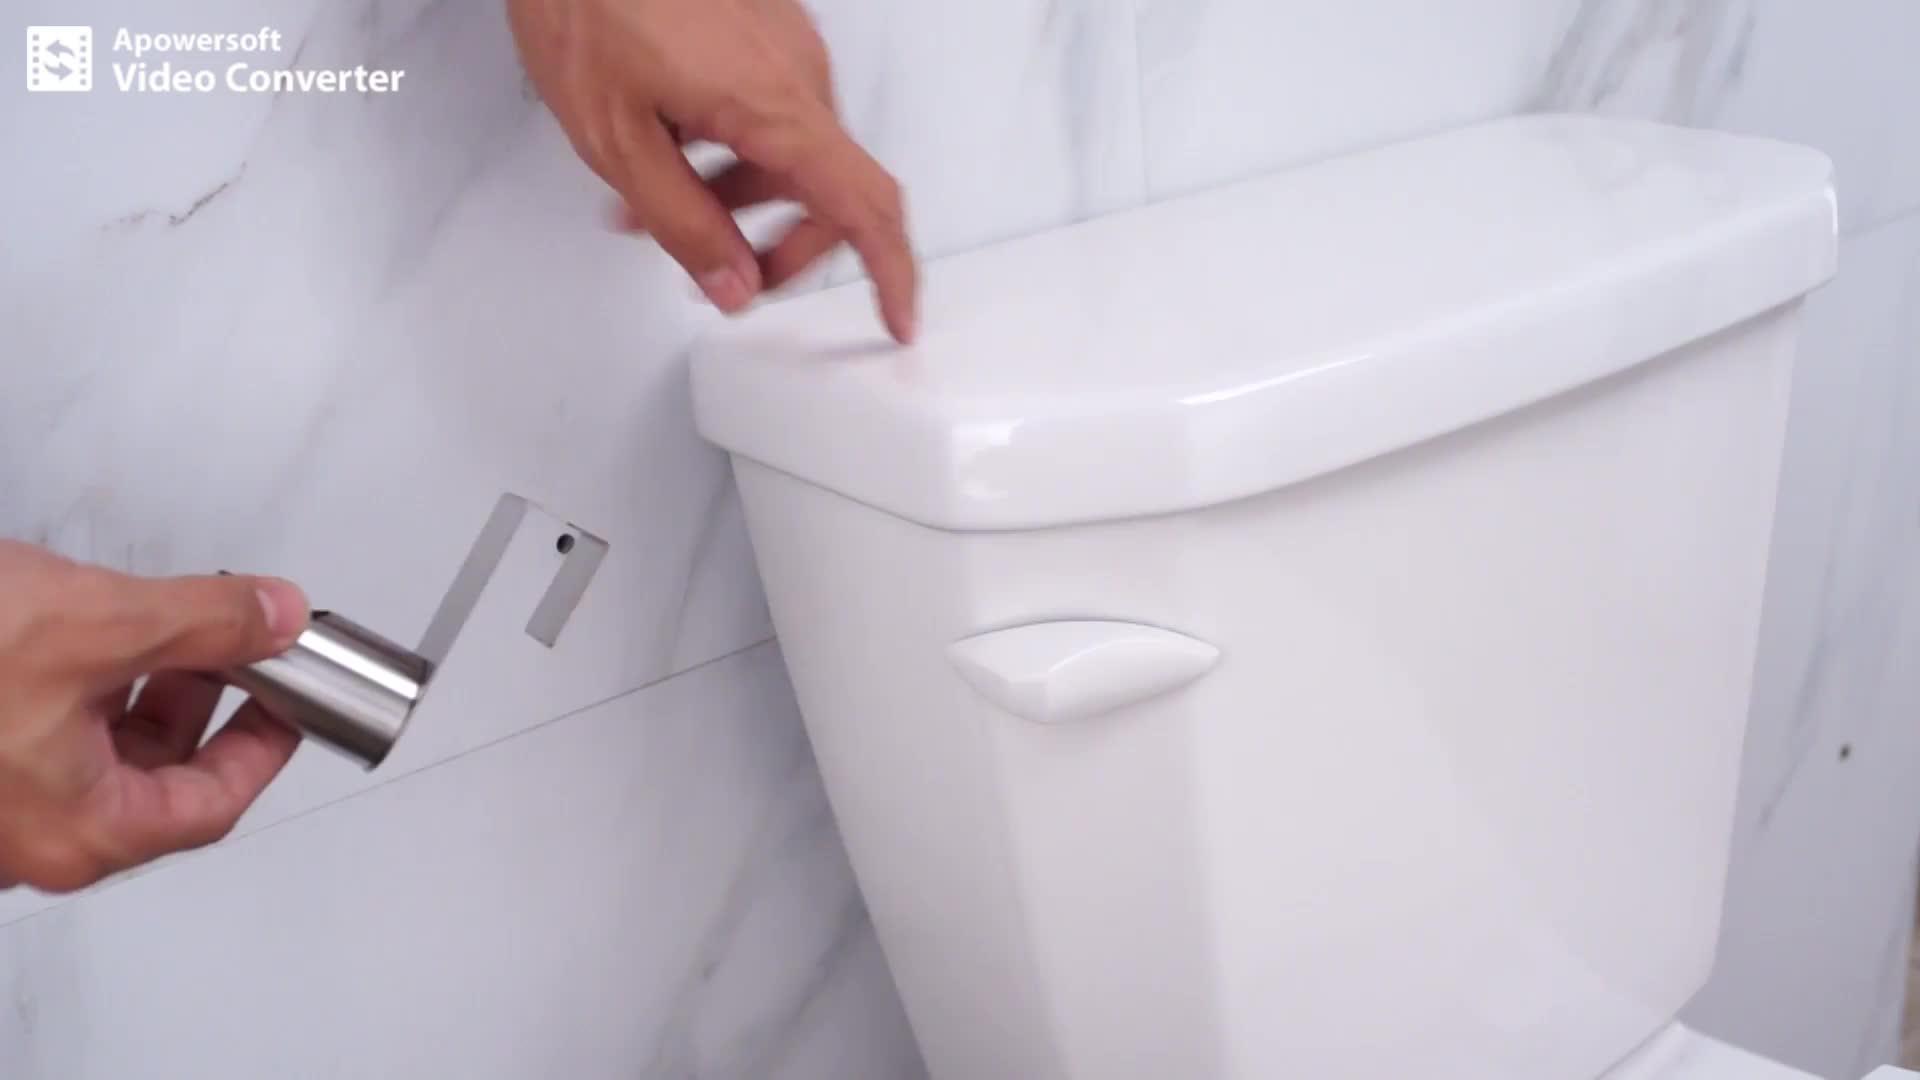 Accessoires de salle de bains Portable voyage shattaf laiton santé robinet en acier inoxydable Shattaf main Bidet pulvérisateur